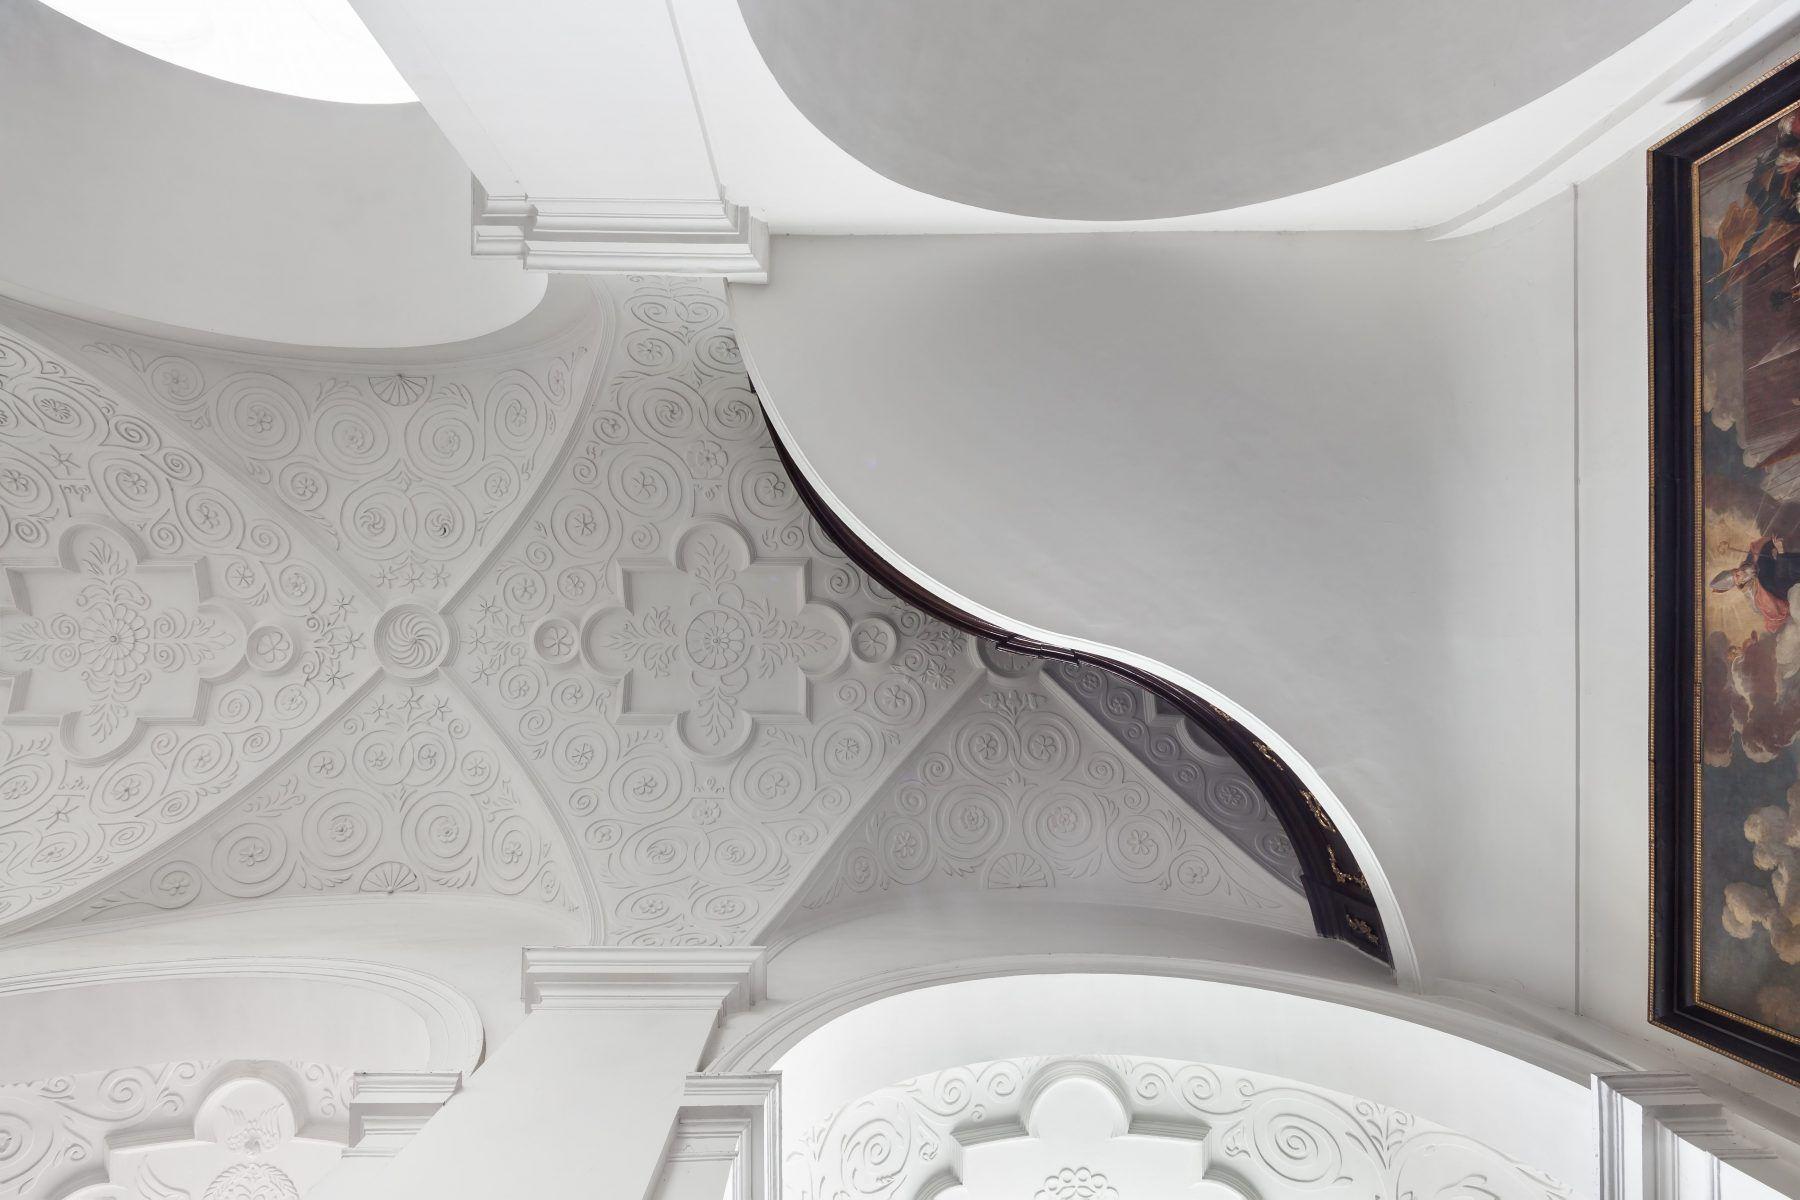 Kostel sv. Tomáše v Brně